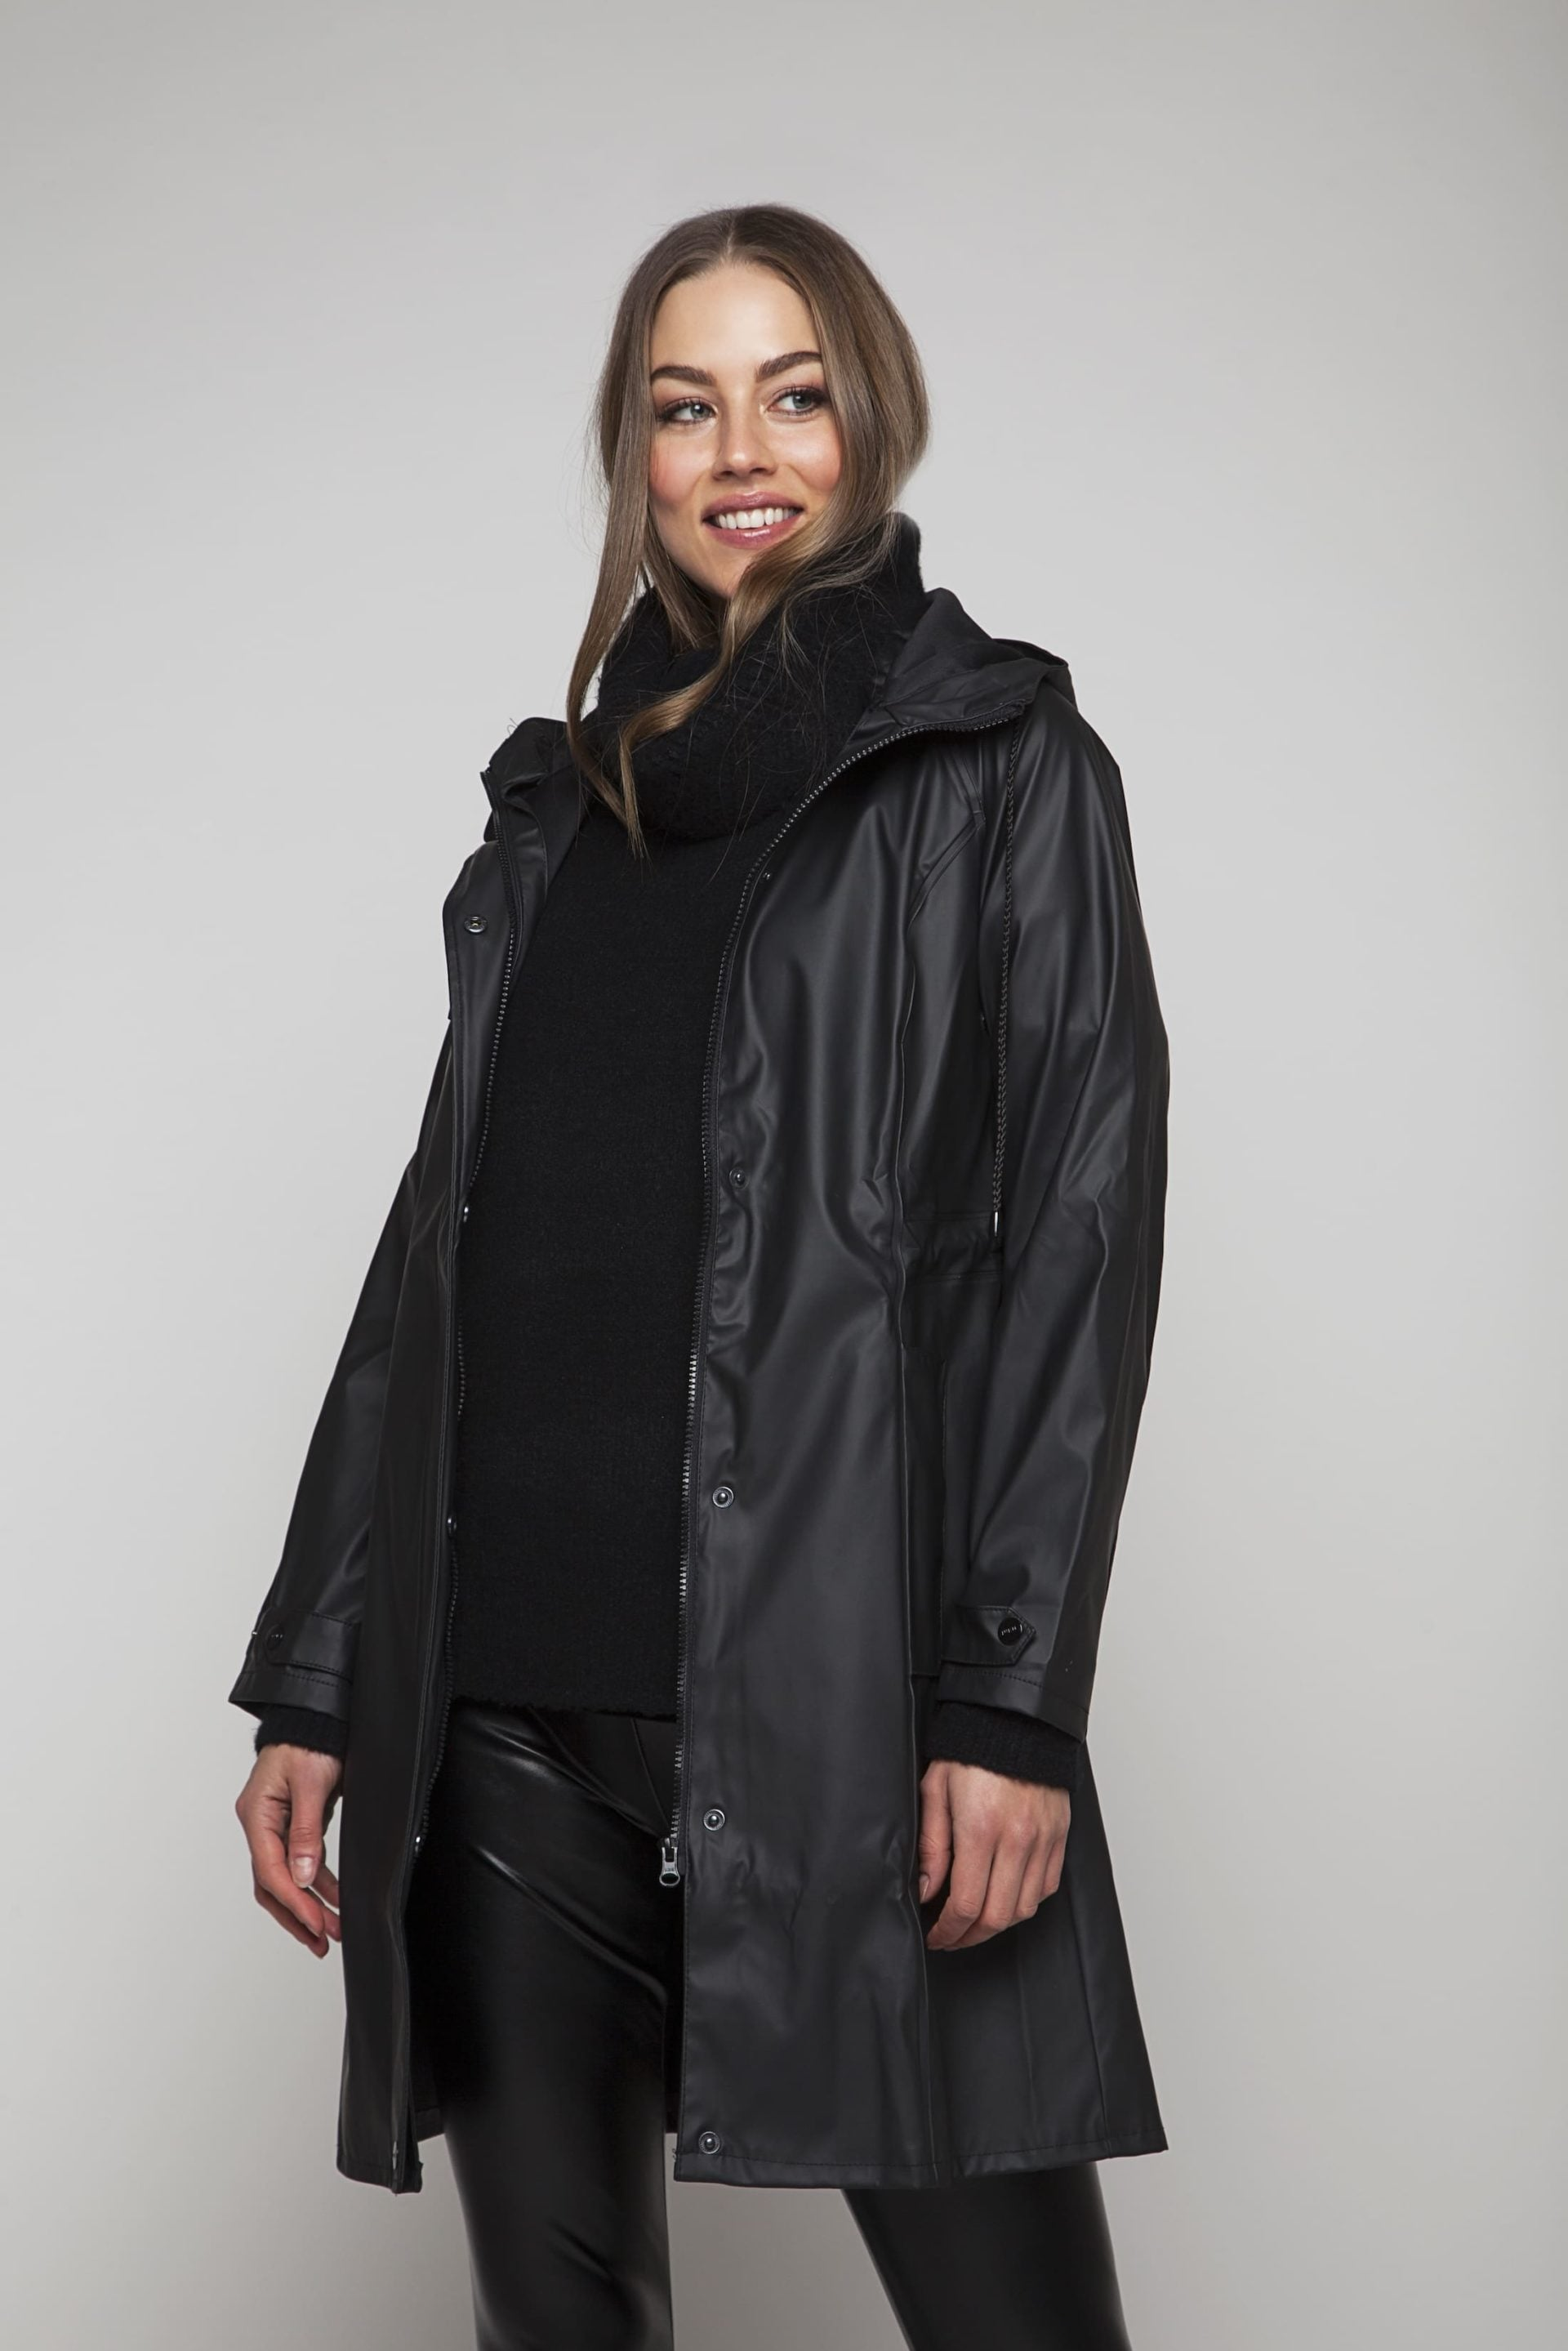 Feminine rainjacket